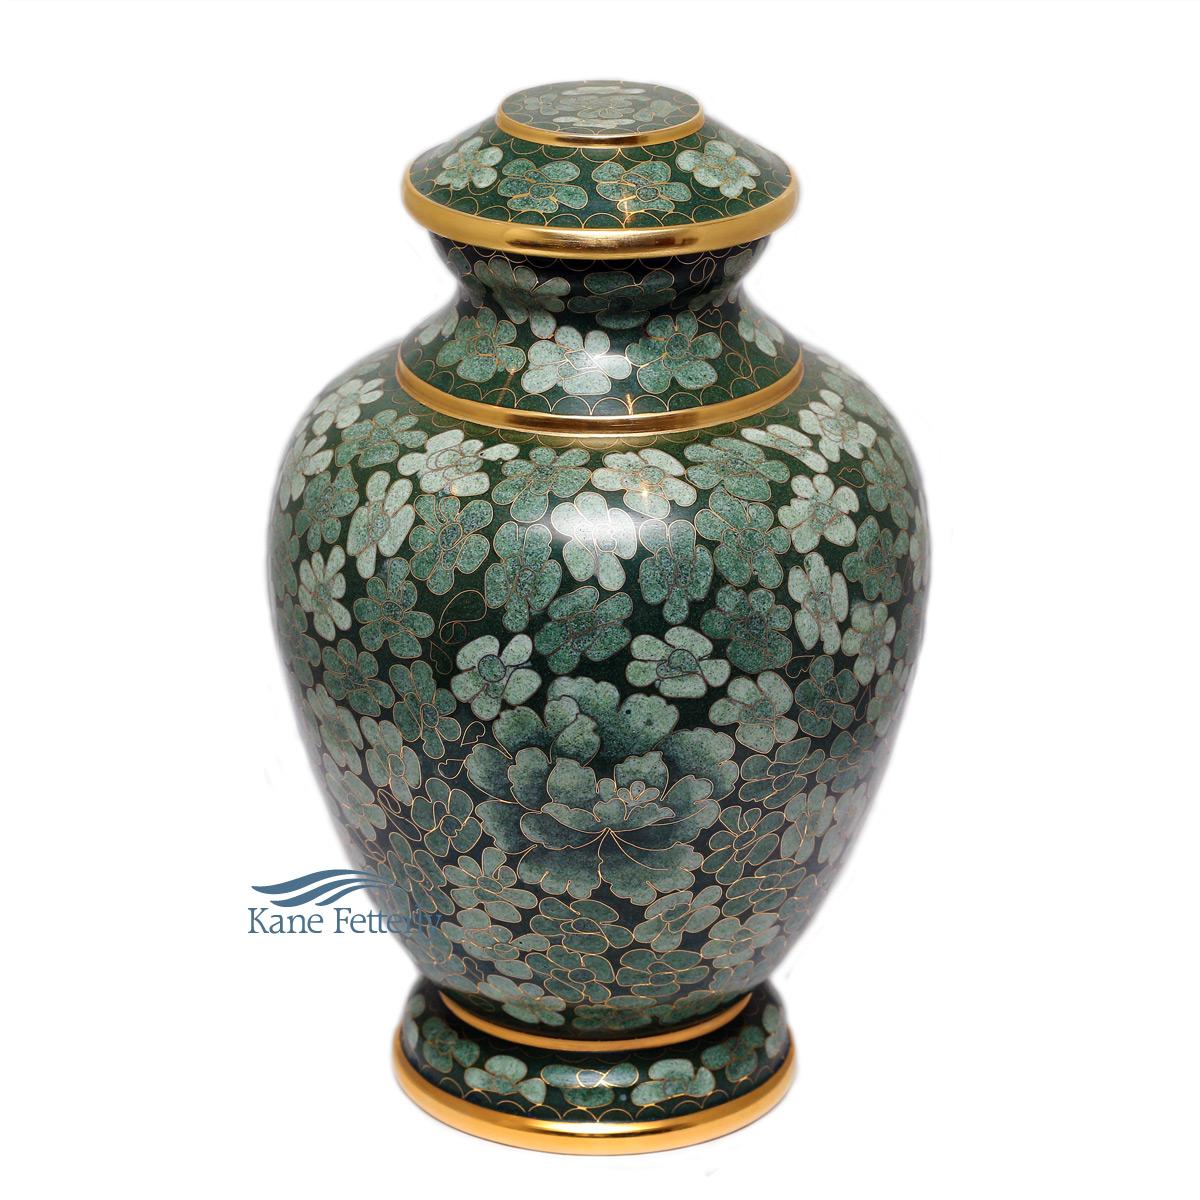 U8588 Cloisonn� urn